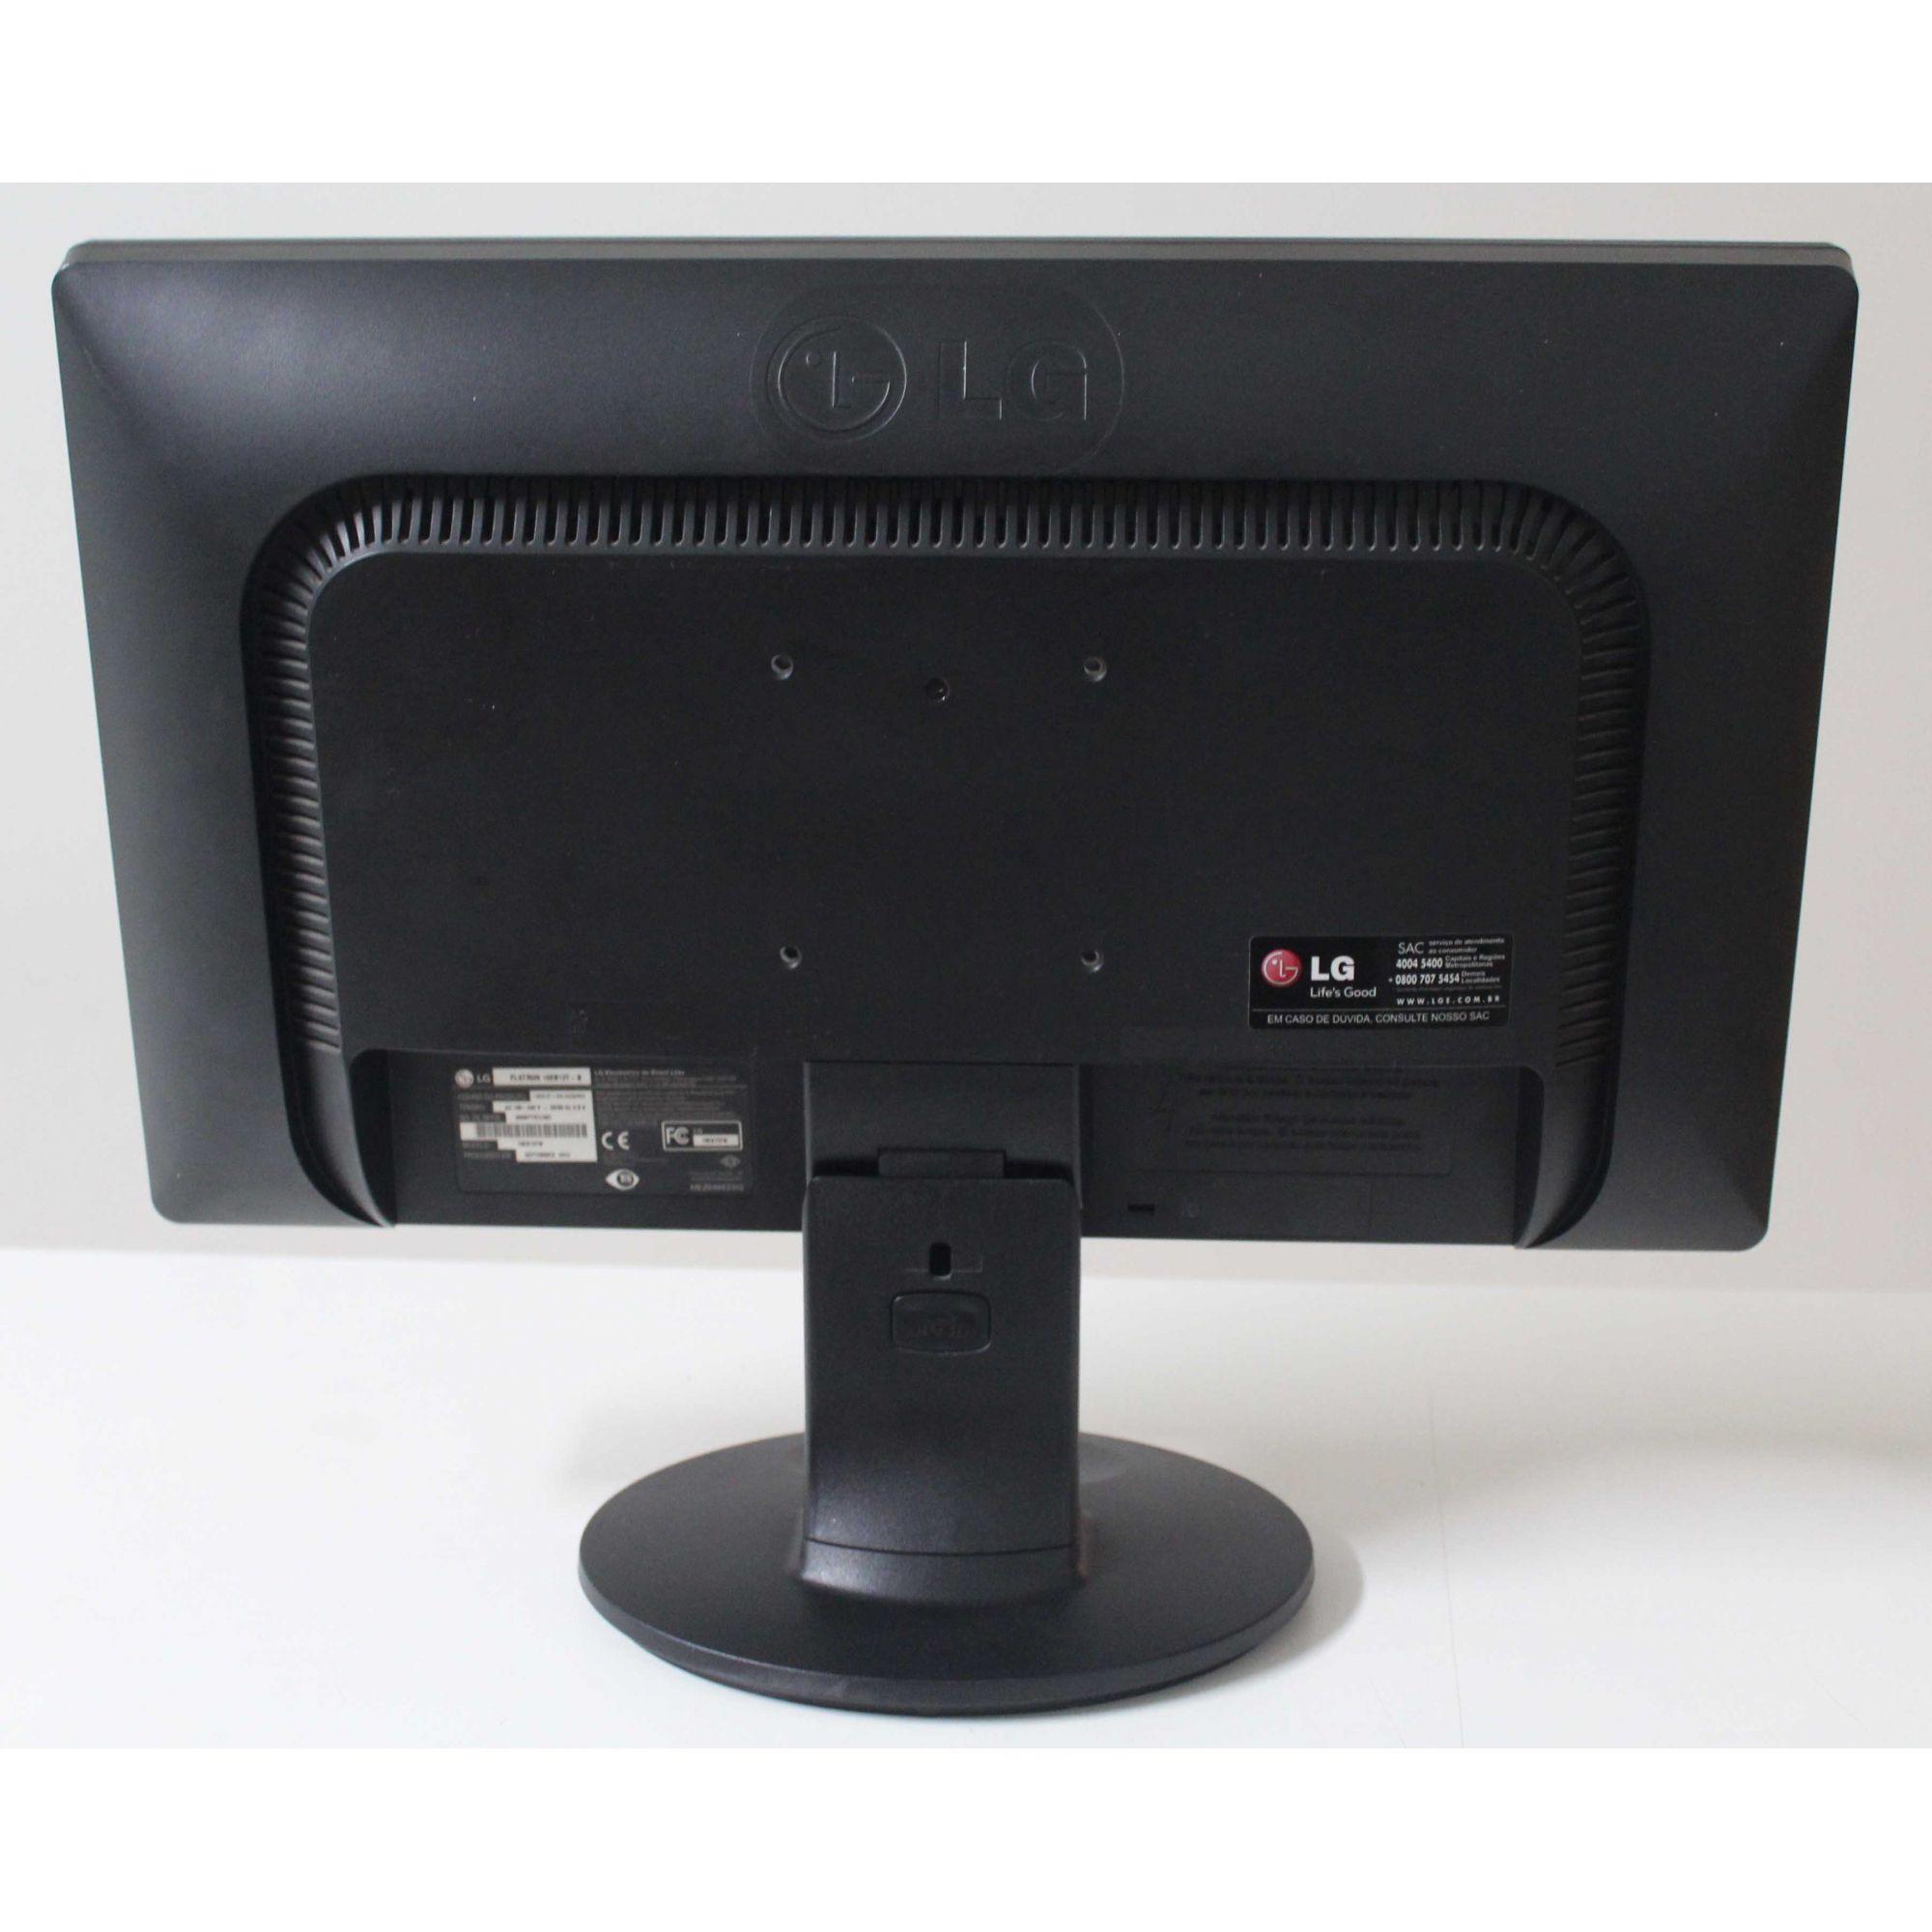 """Monitor LG 19EB13 18.5"""" - Preto"""